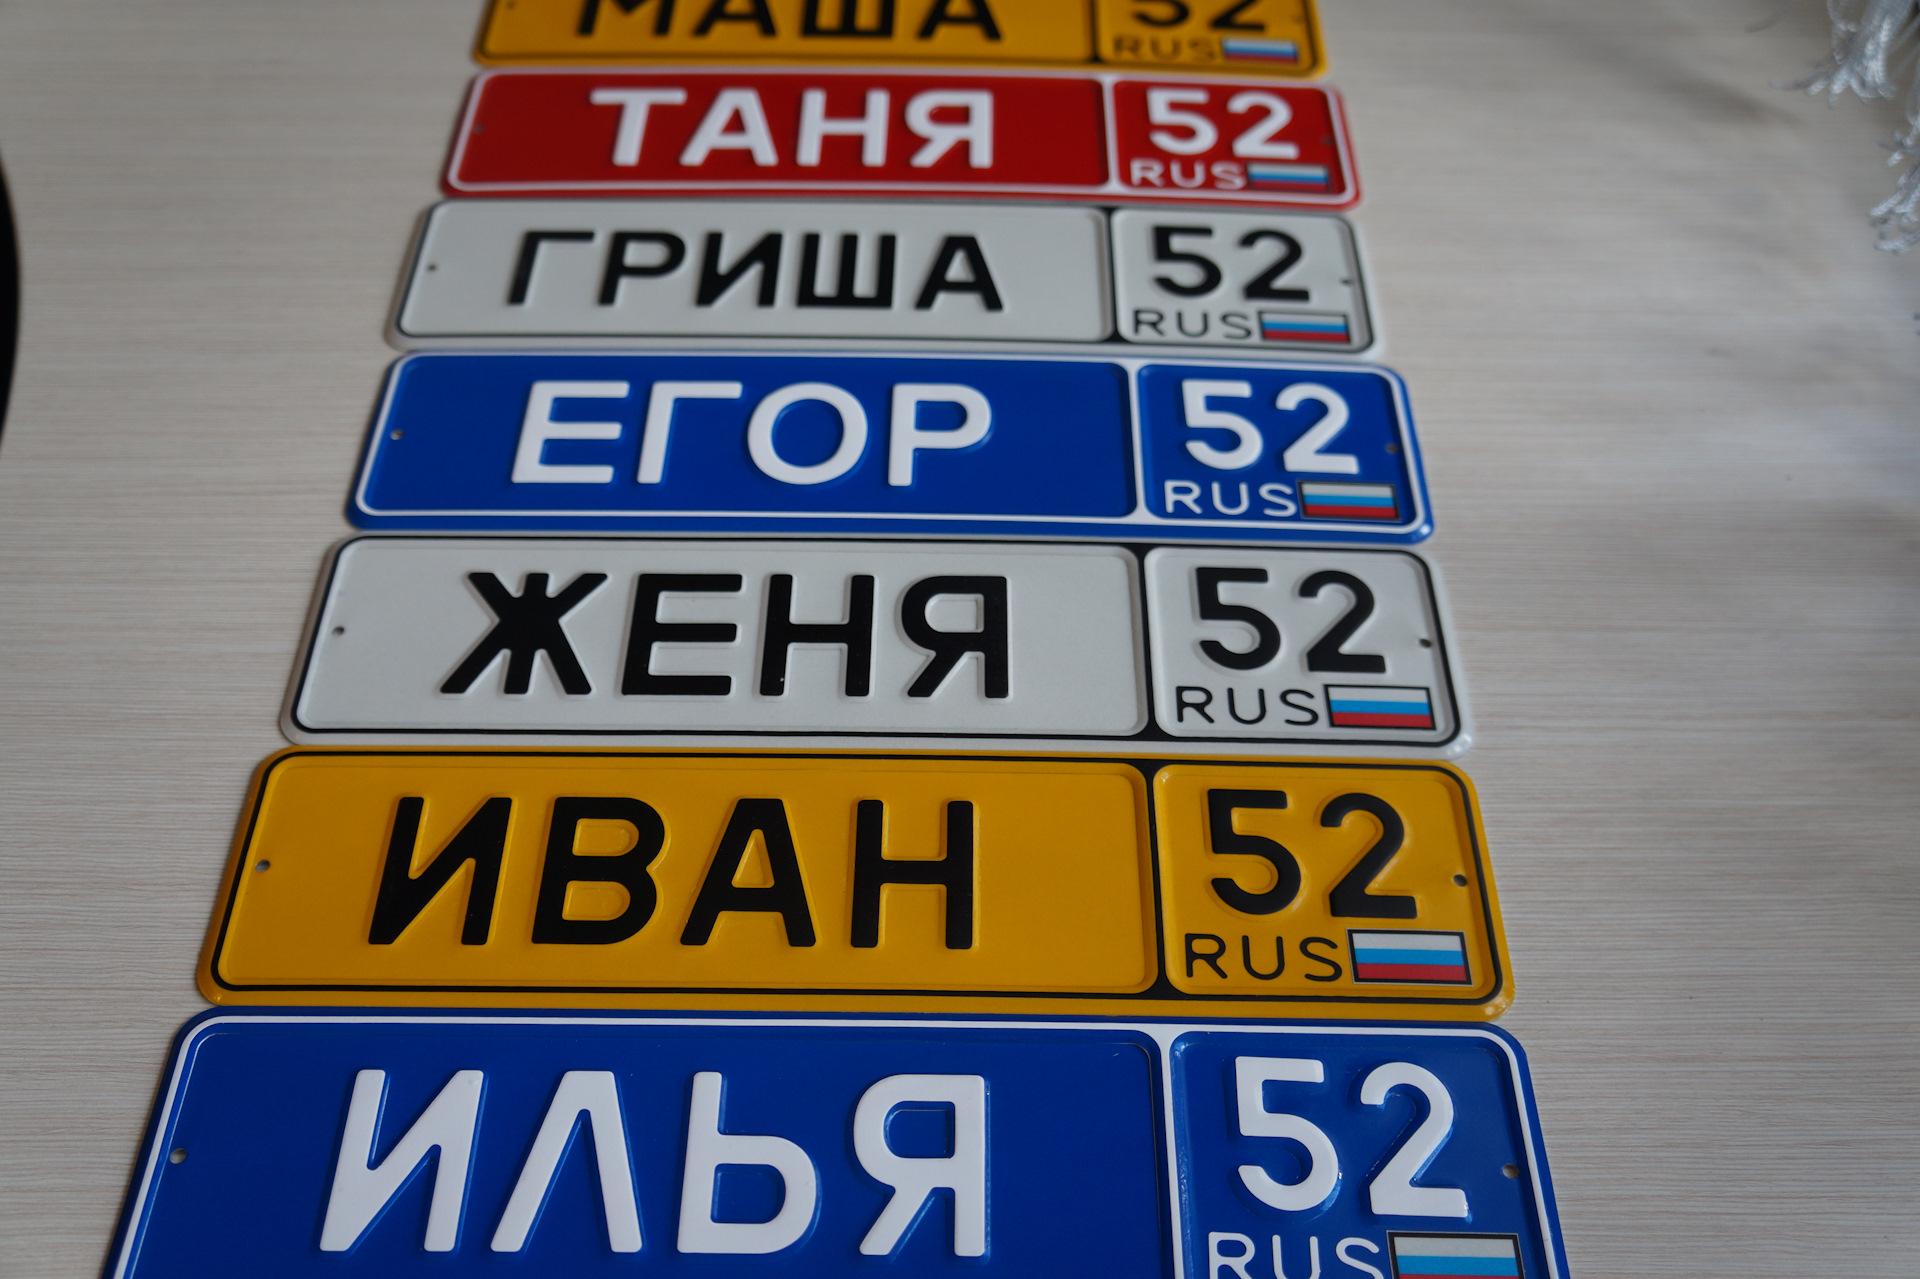 Картинка номера машин